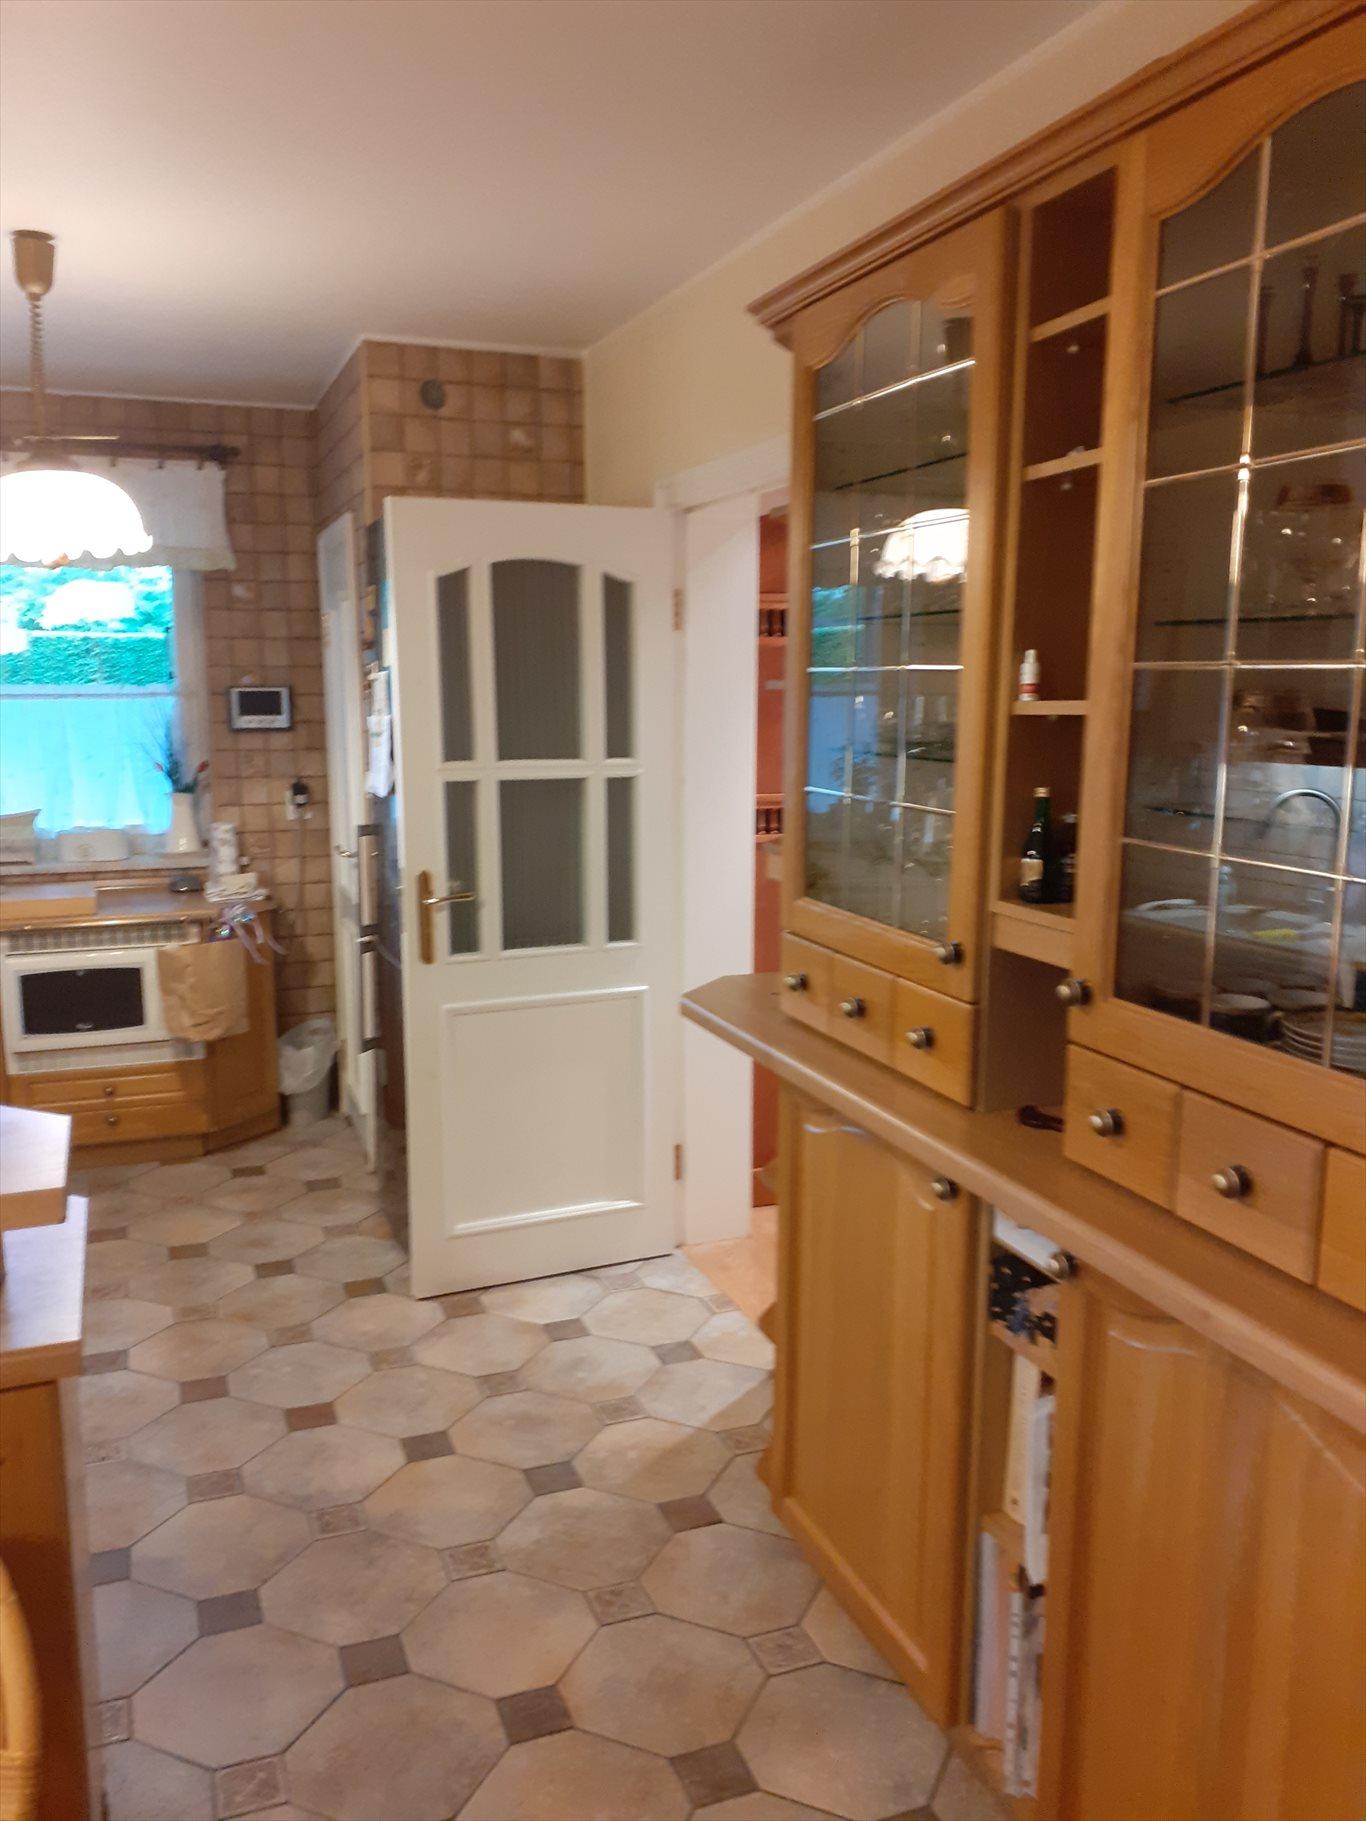 Dom na sprzedaż Tarnowskie Góry, Tarnowskie Góry  400m2 Foto 5